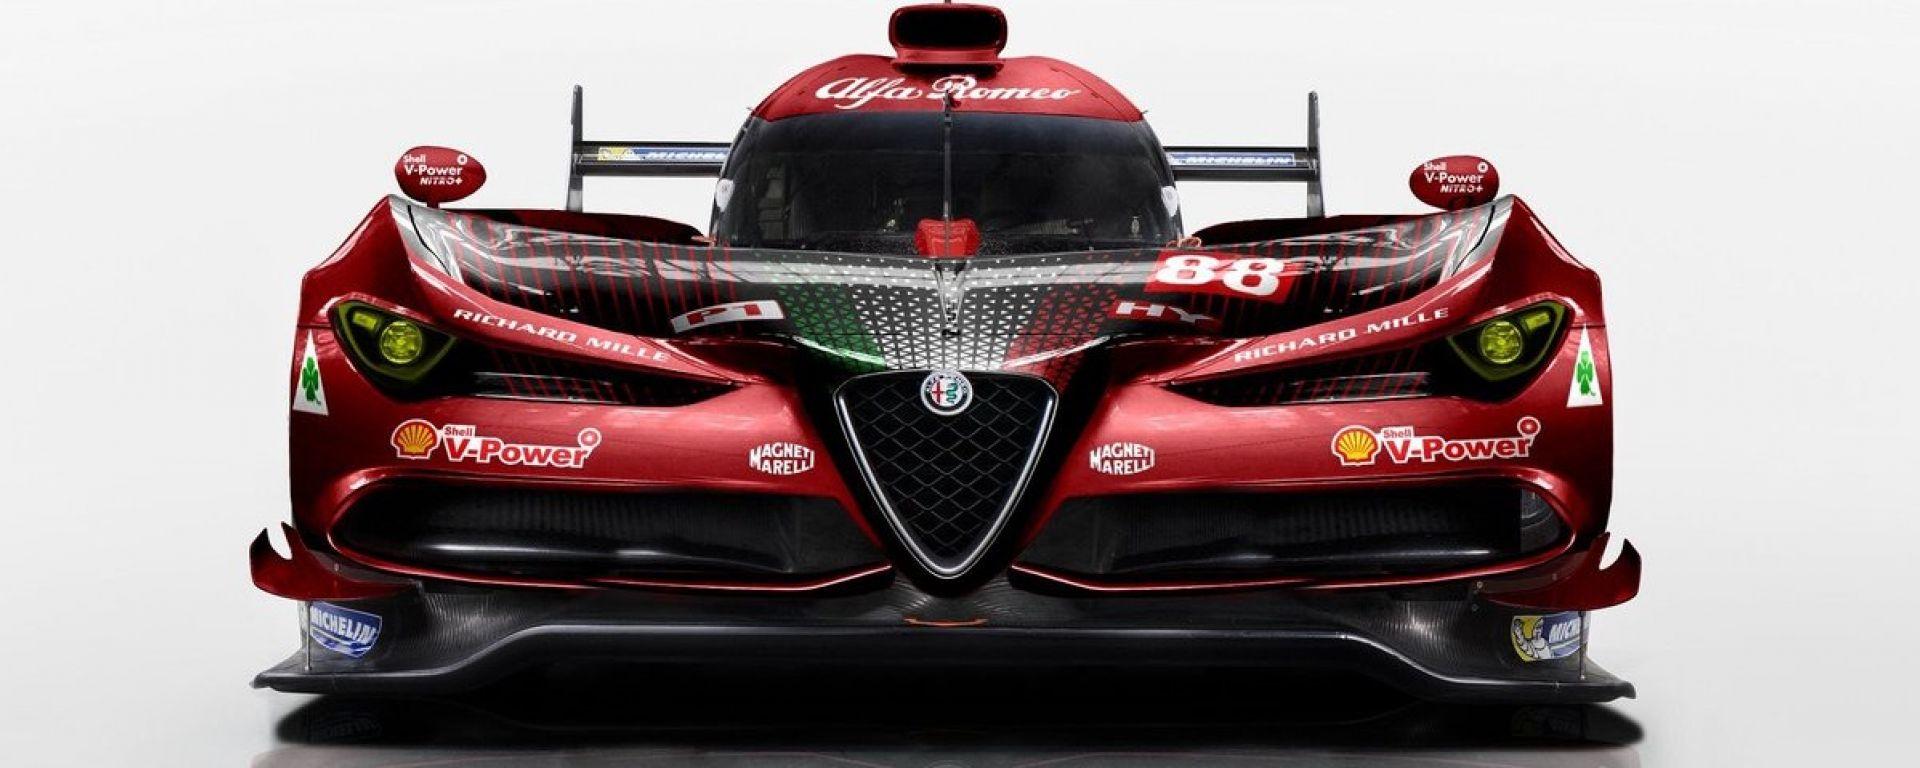 Alfa Romeo, il rendering di un prototipo Le Mans. Sogno o realtà?